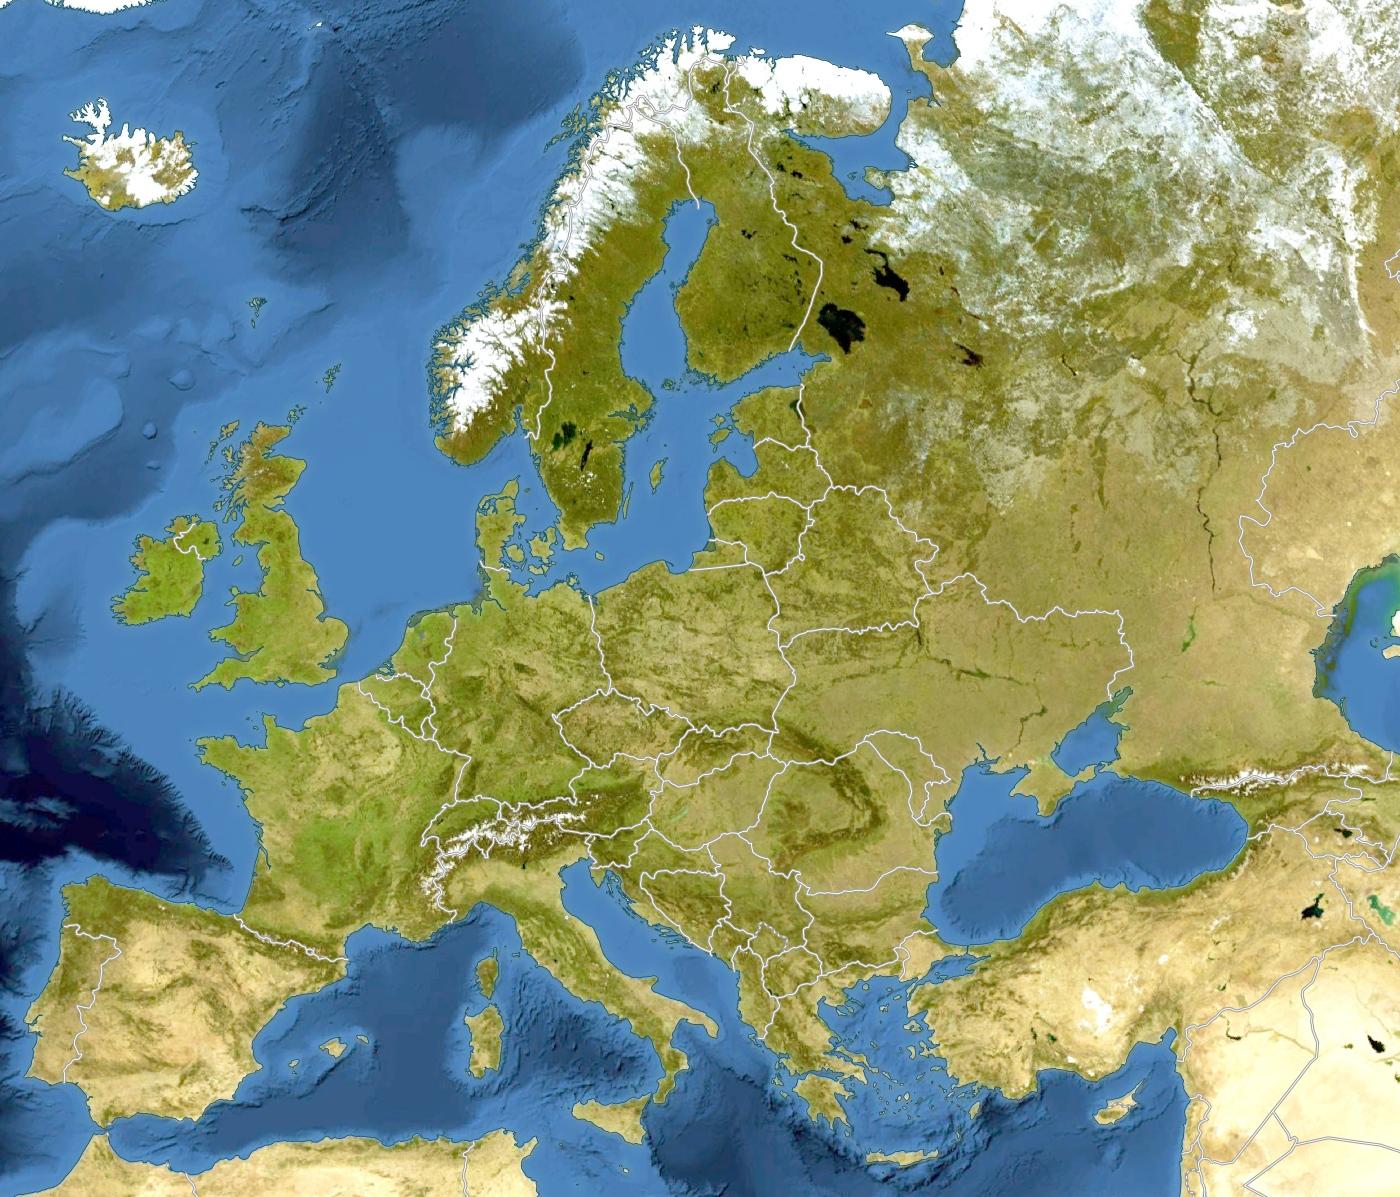 Imagen vía satélite del continente europeo, donde se encuentra la mayor parte del territorio de la Unión Europea.